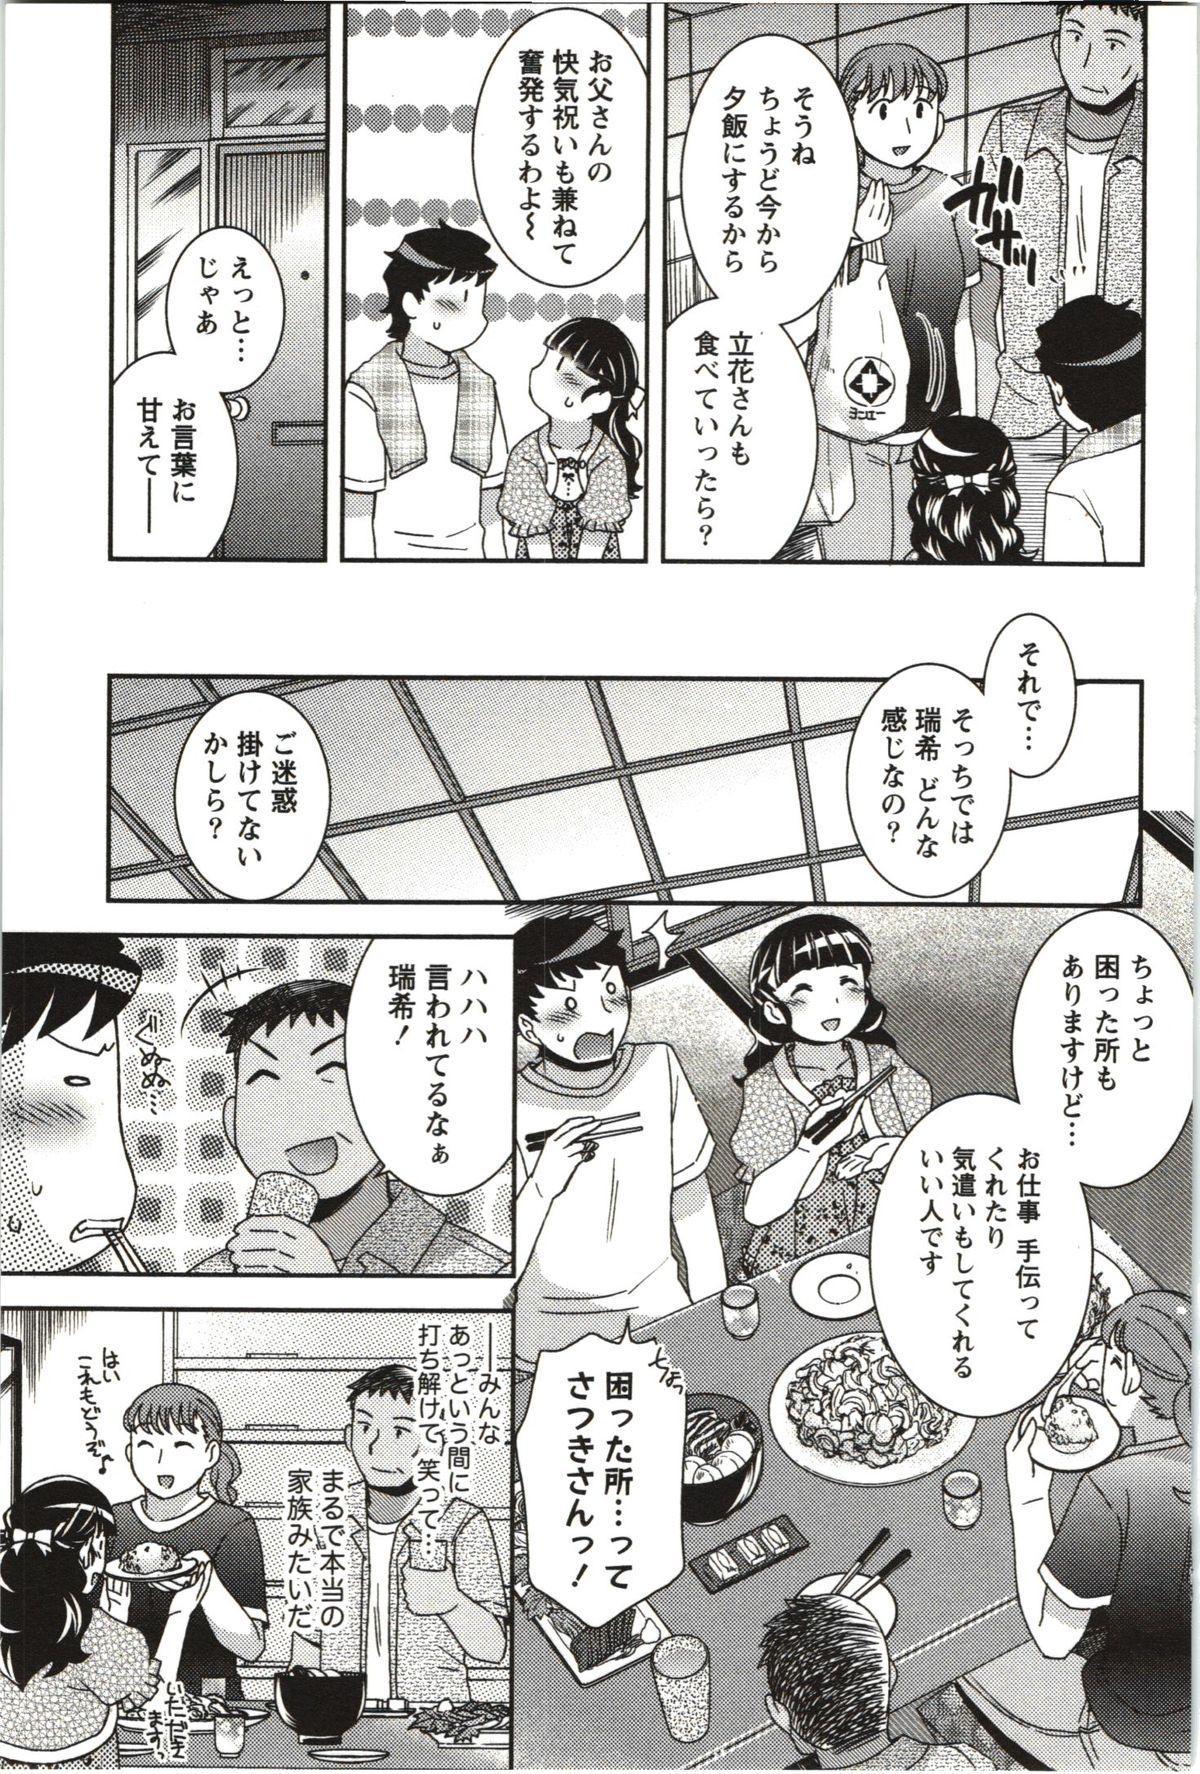 Tsutsujisou no ■■ na Hitobito 177